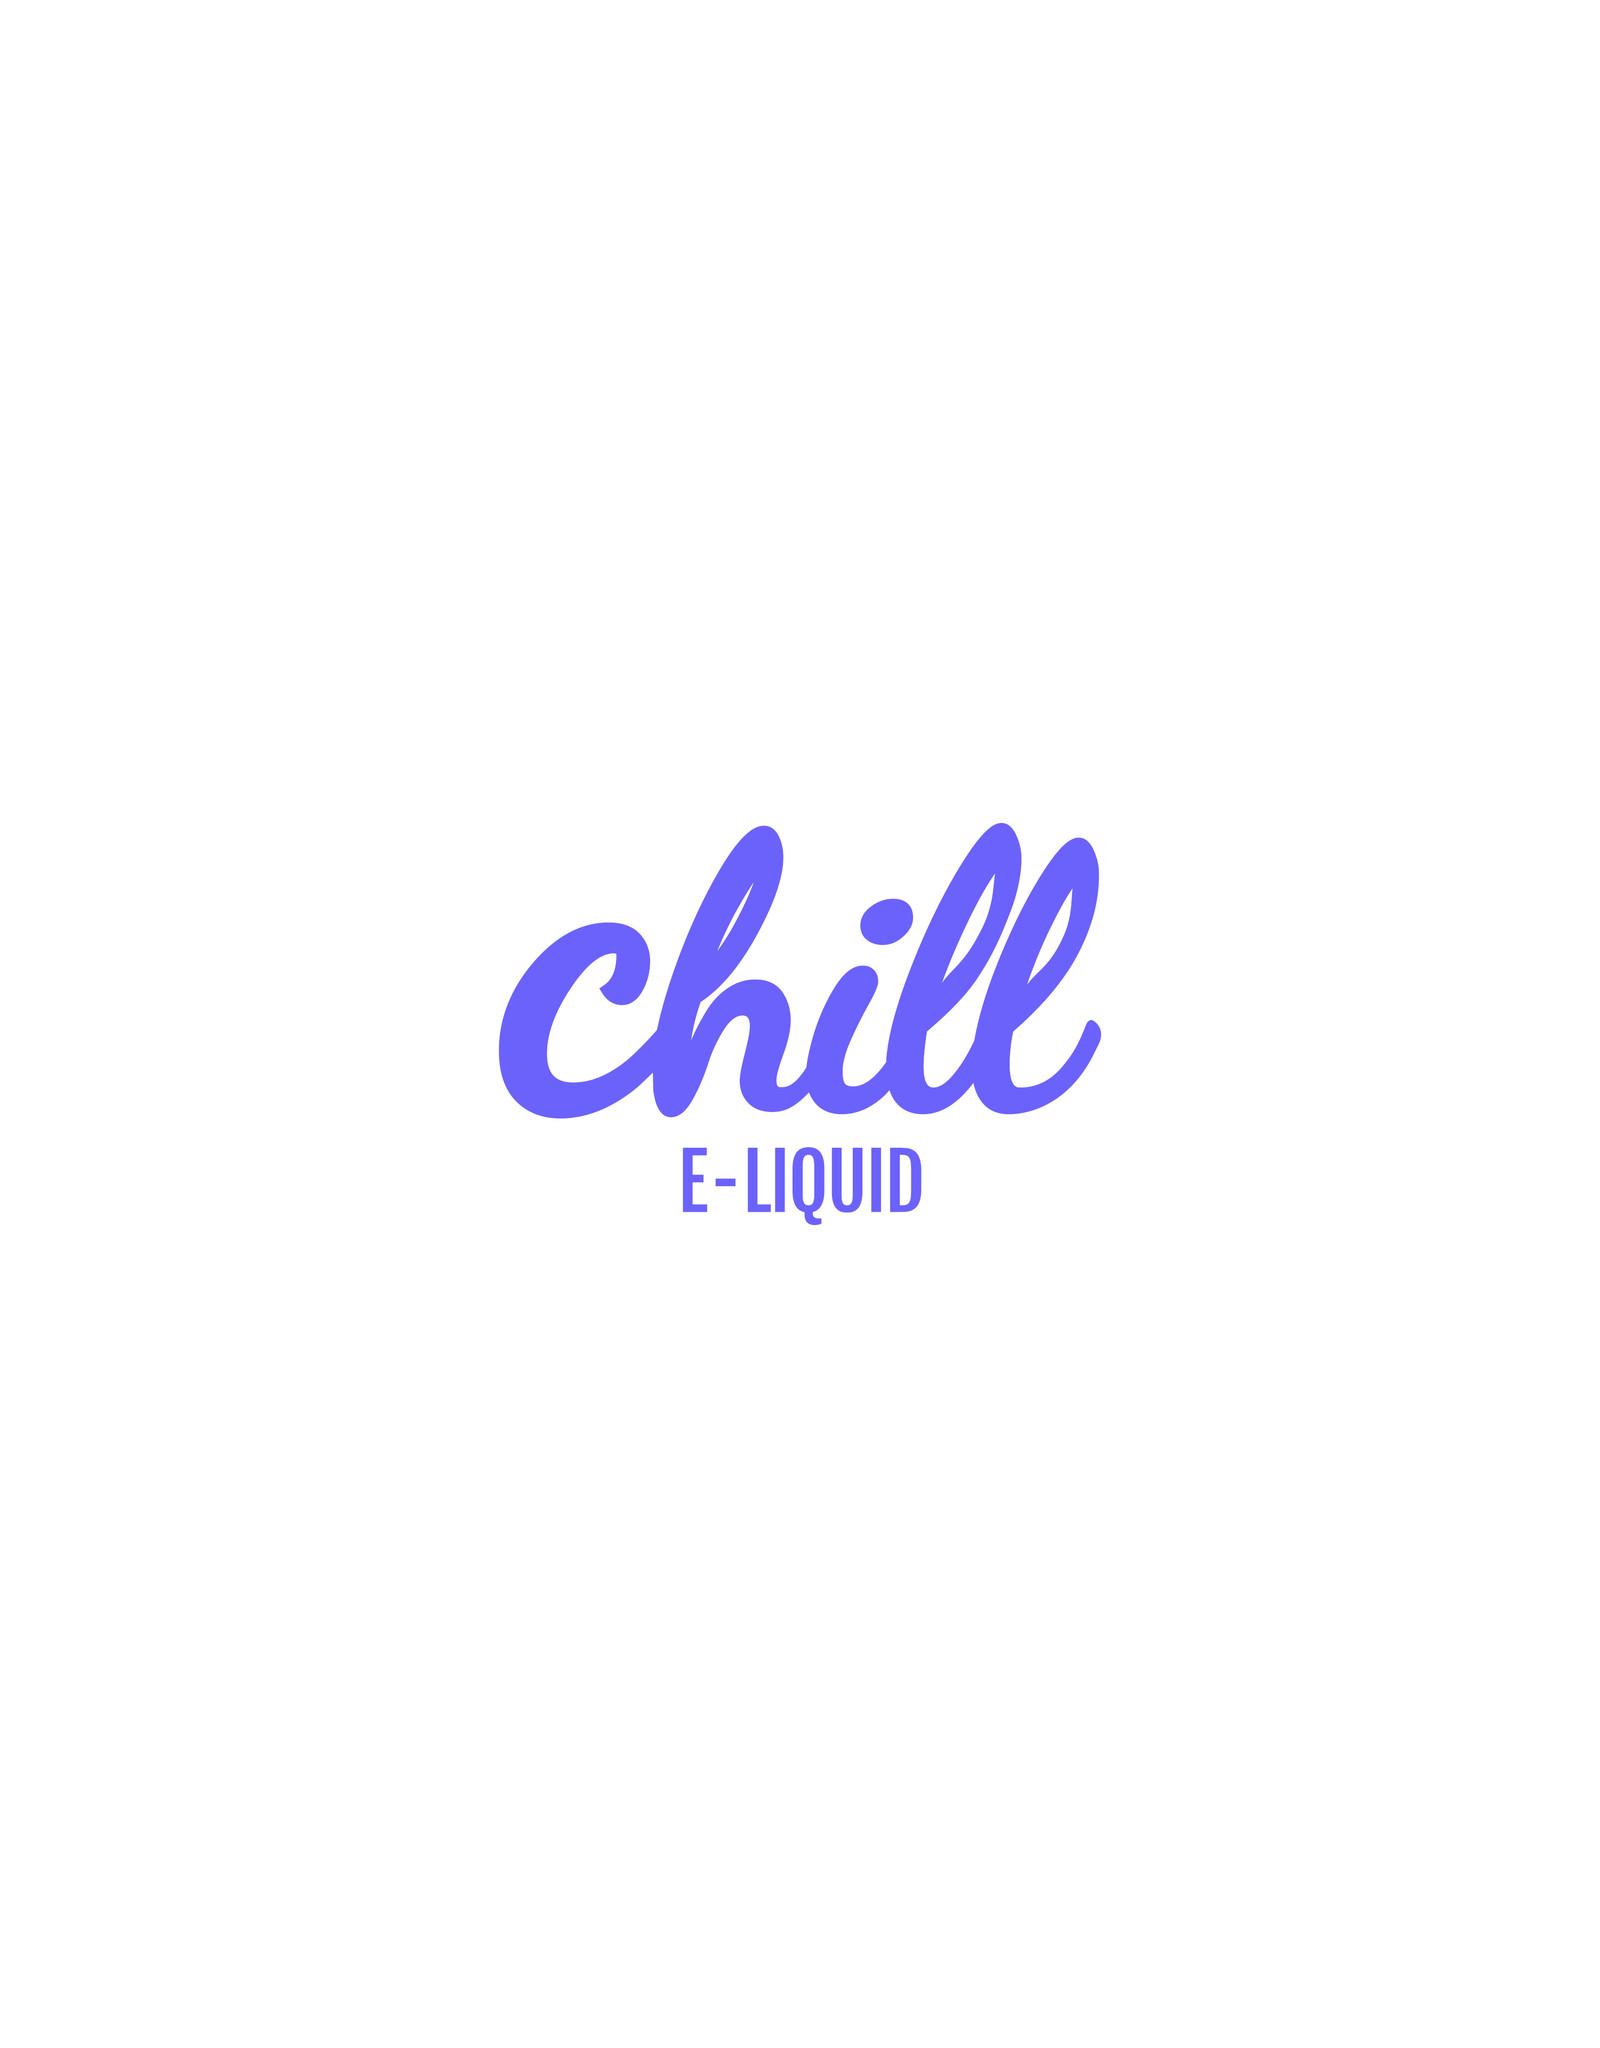 Chill E-Liquid CHILL E-LIQUID